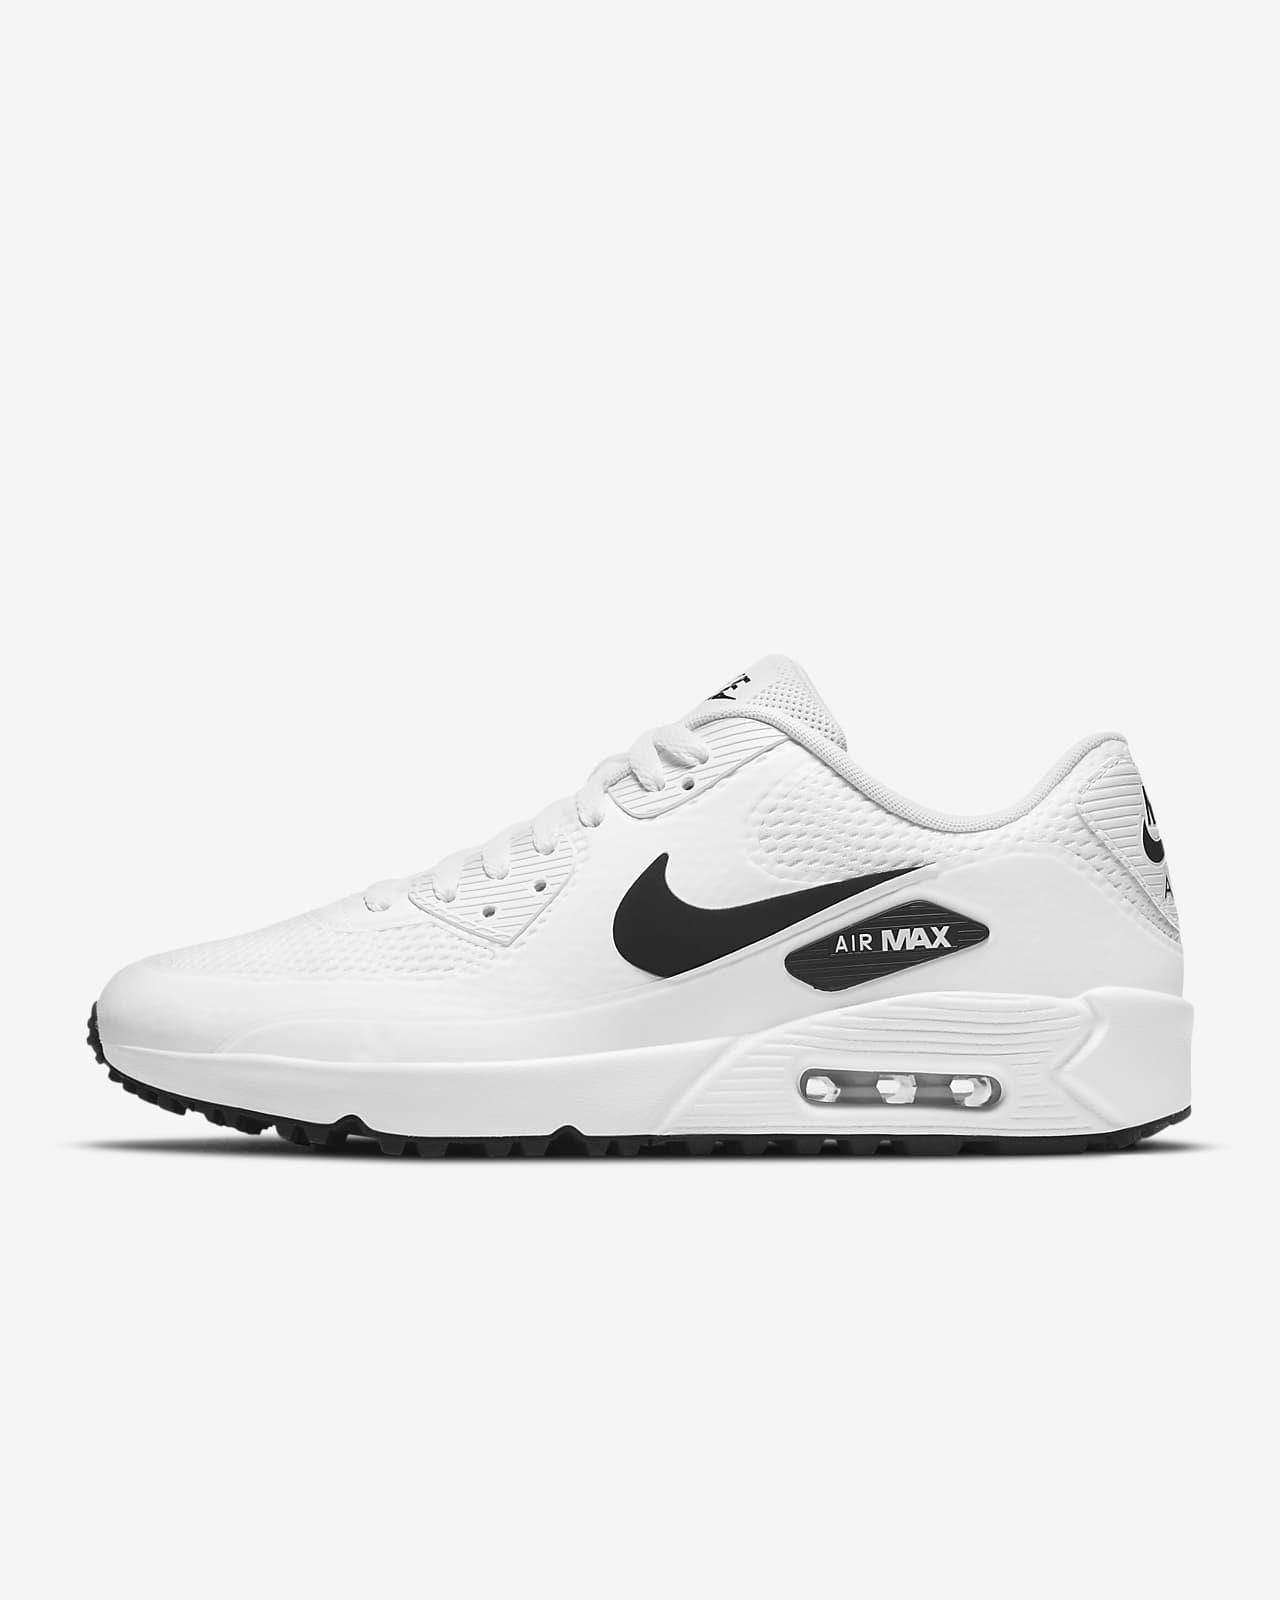 Sapatilhas de golfe Nike Air Max 90 G